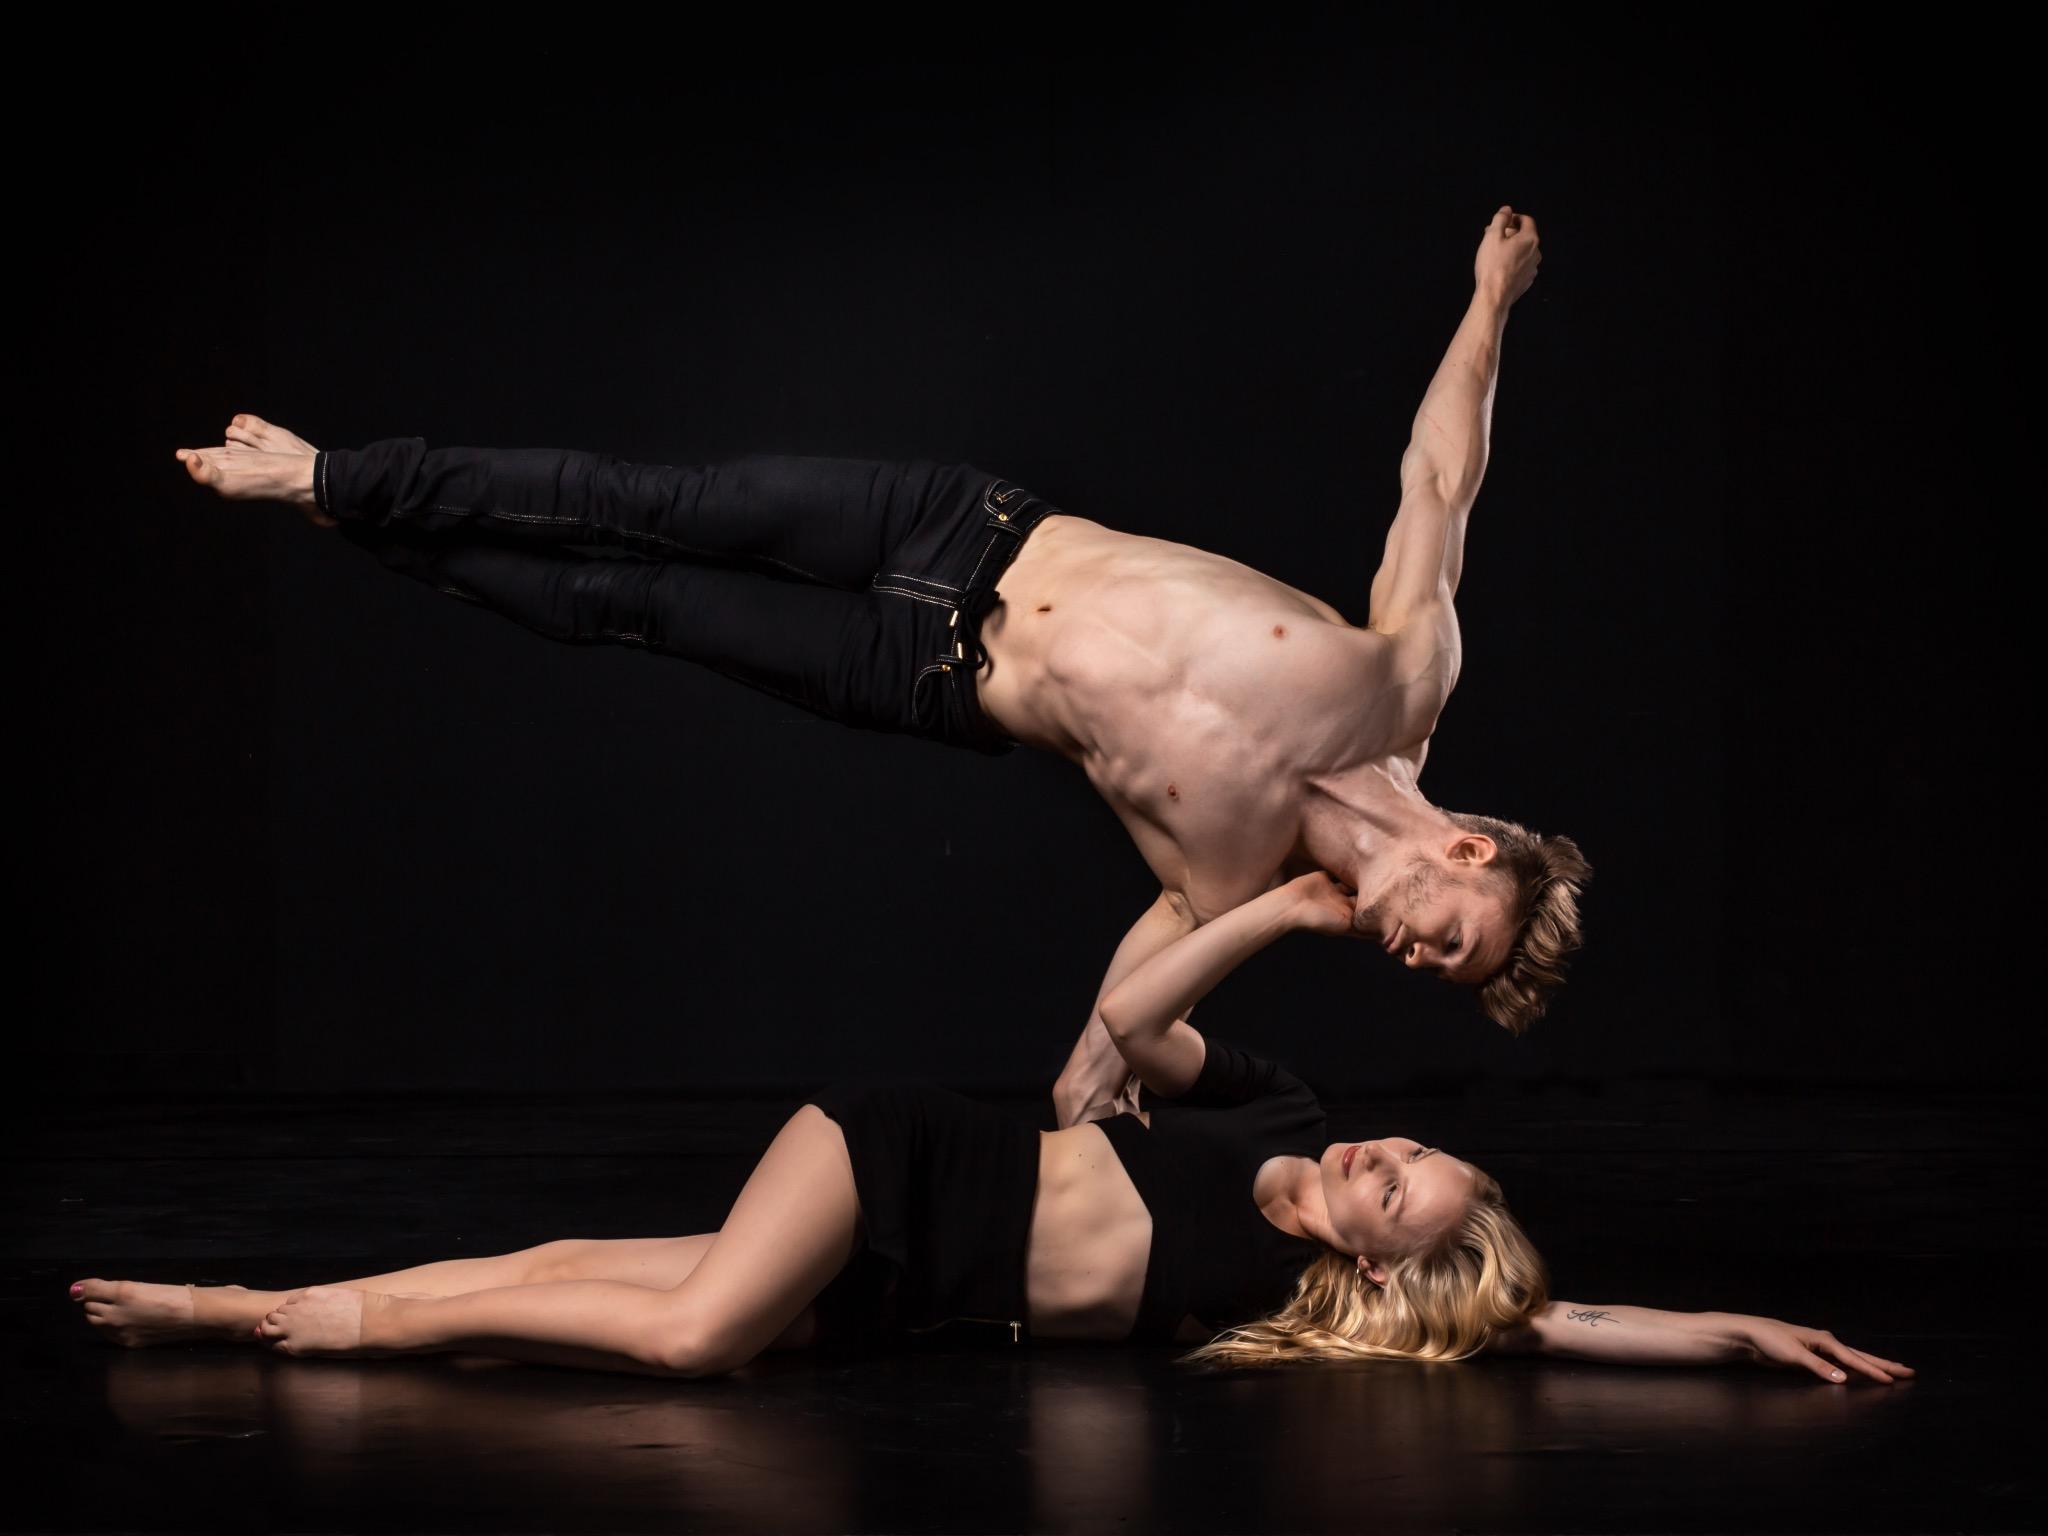 Kira und Michi sind auch privat ein Duo. Foto: Raphael Götz / DDC Entertainment